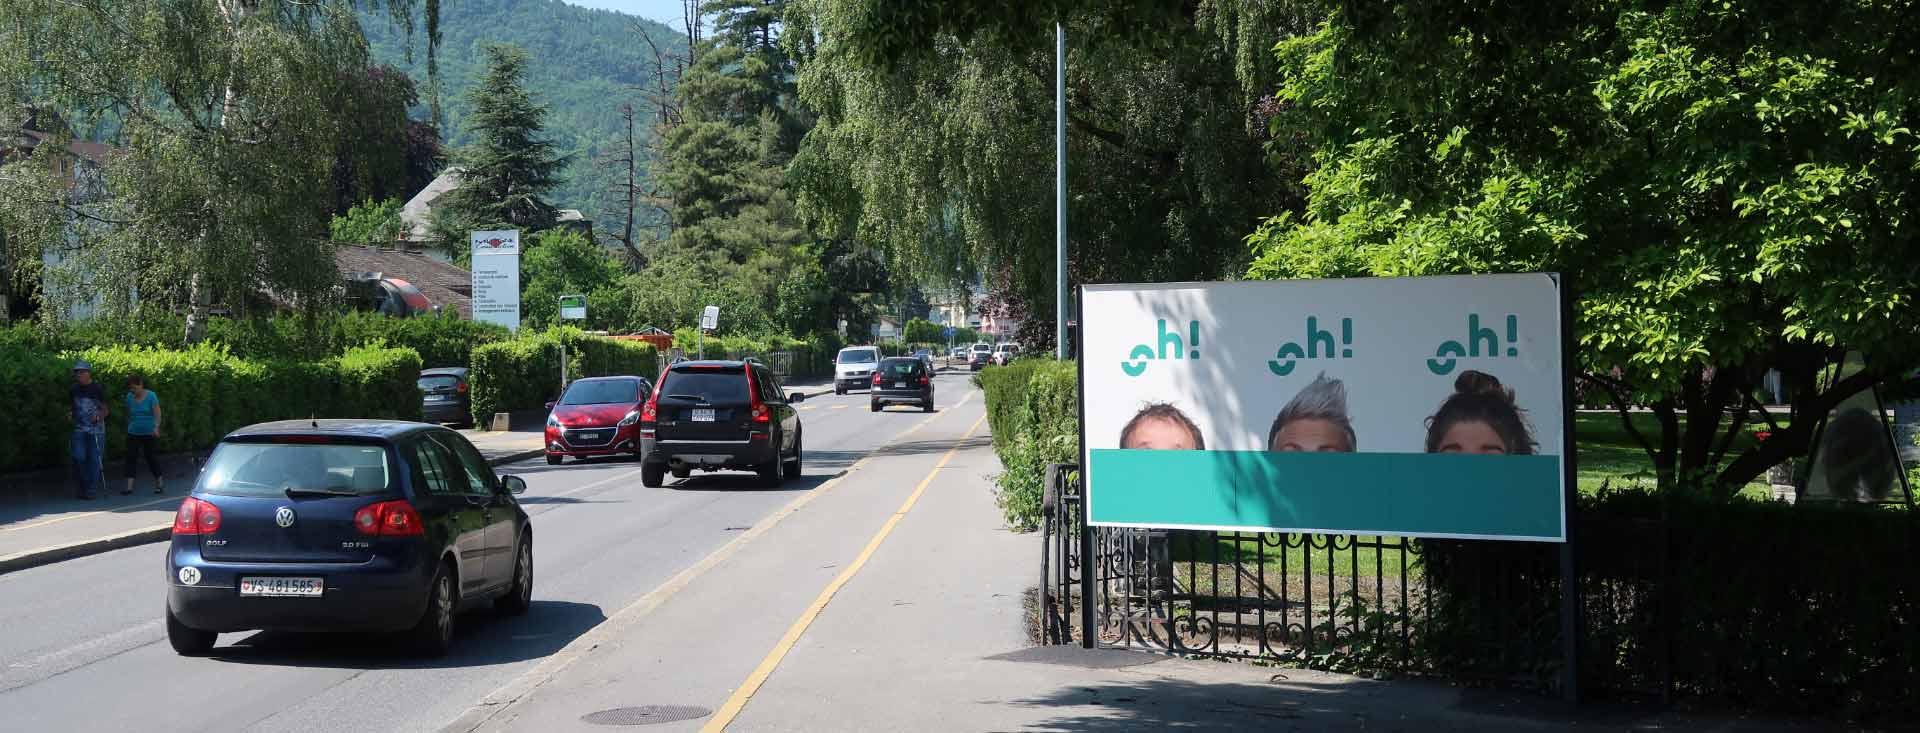 Affichage public : Horizon remporte l'appel d'offres du canton du Valais